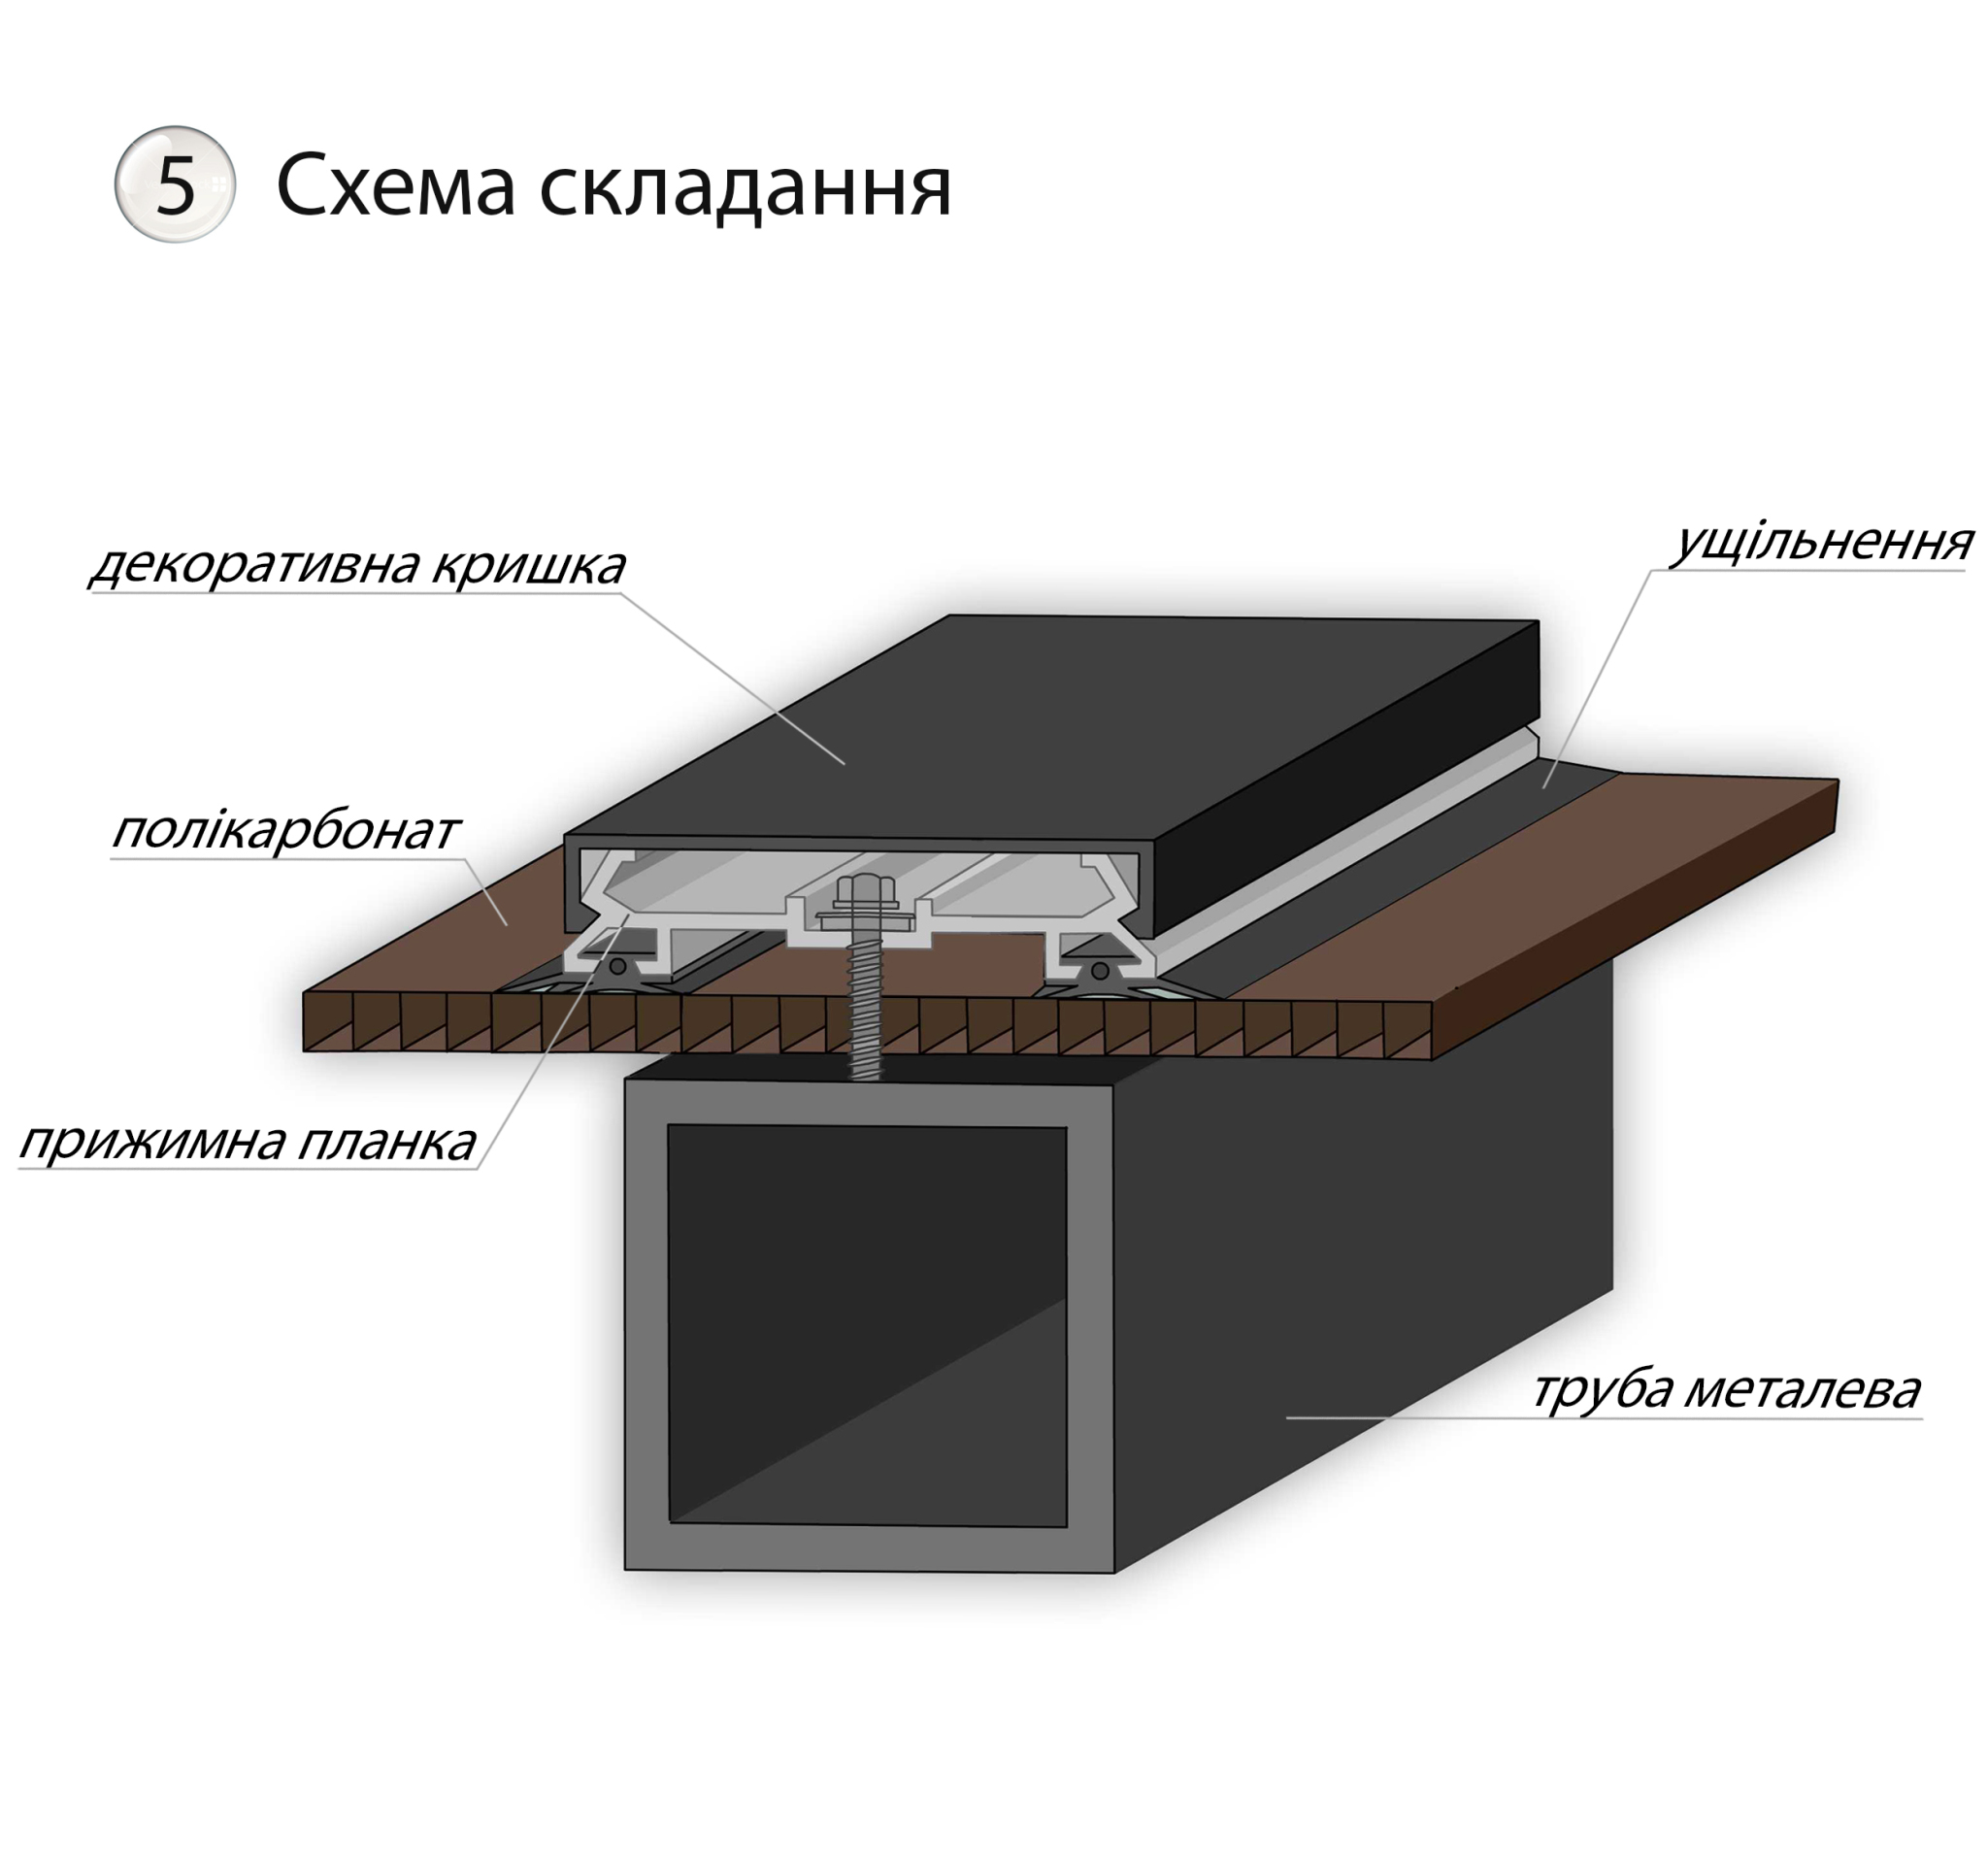 Схема складання